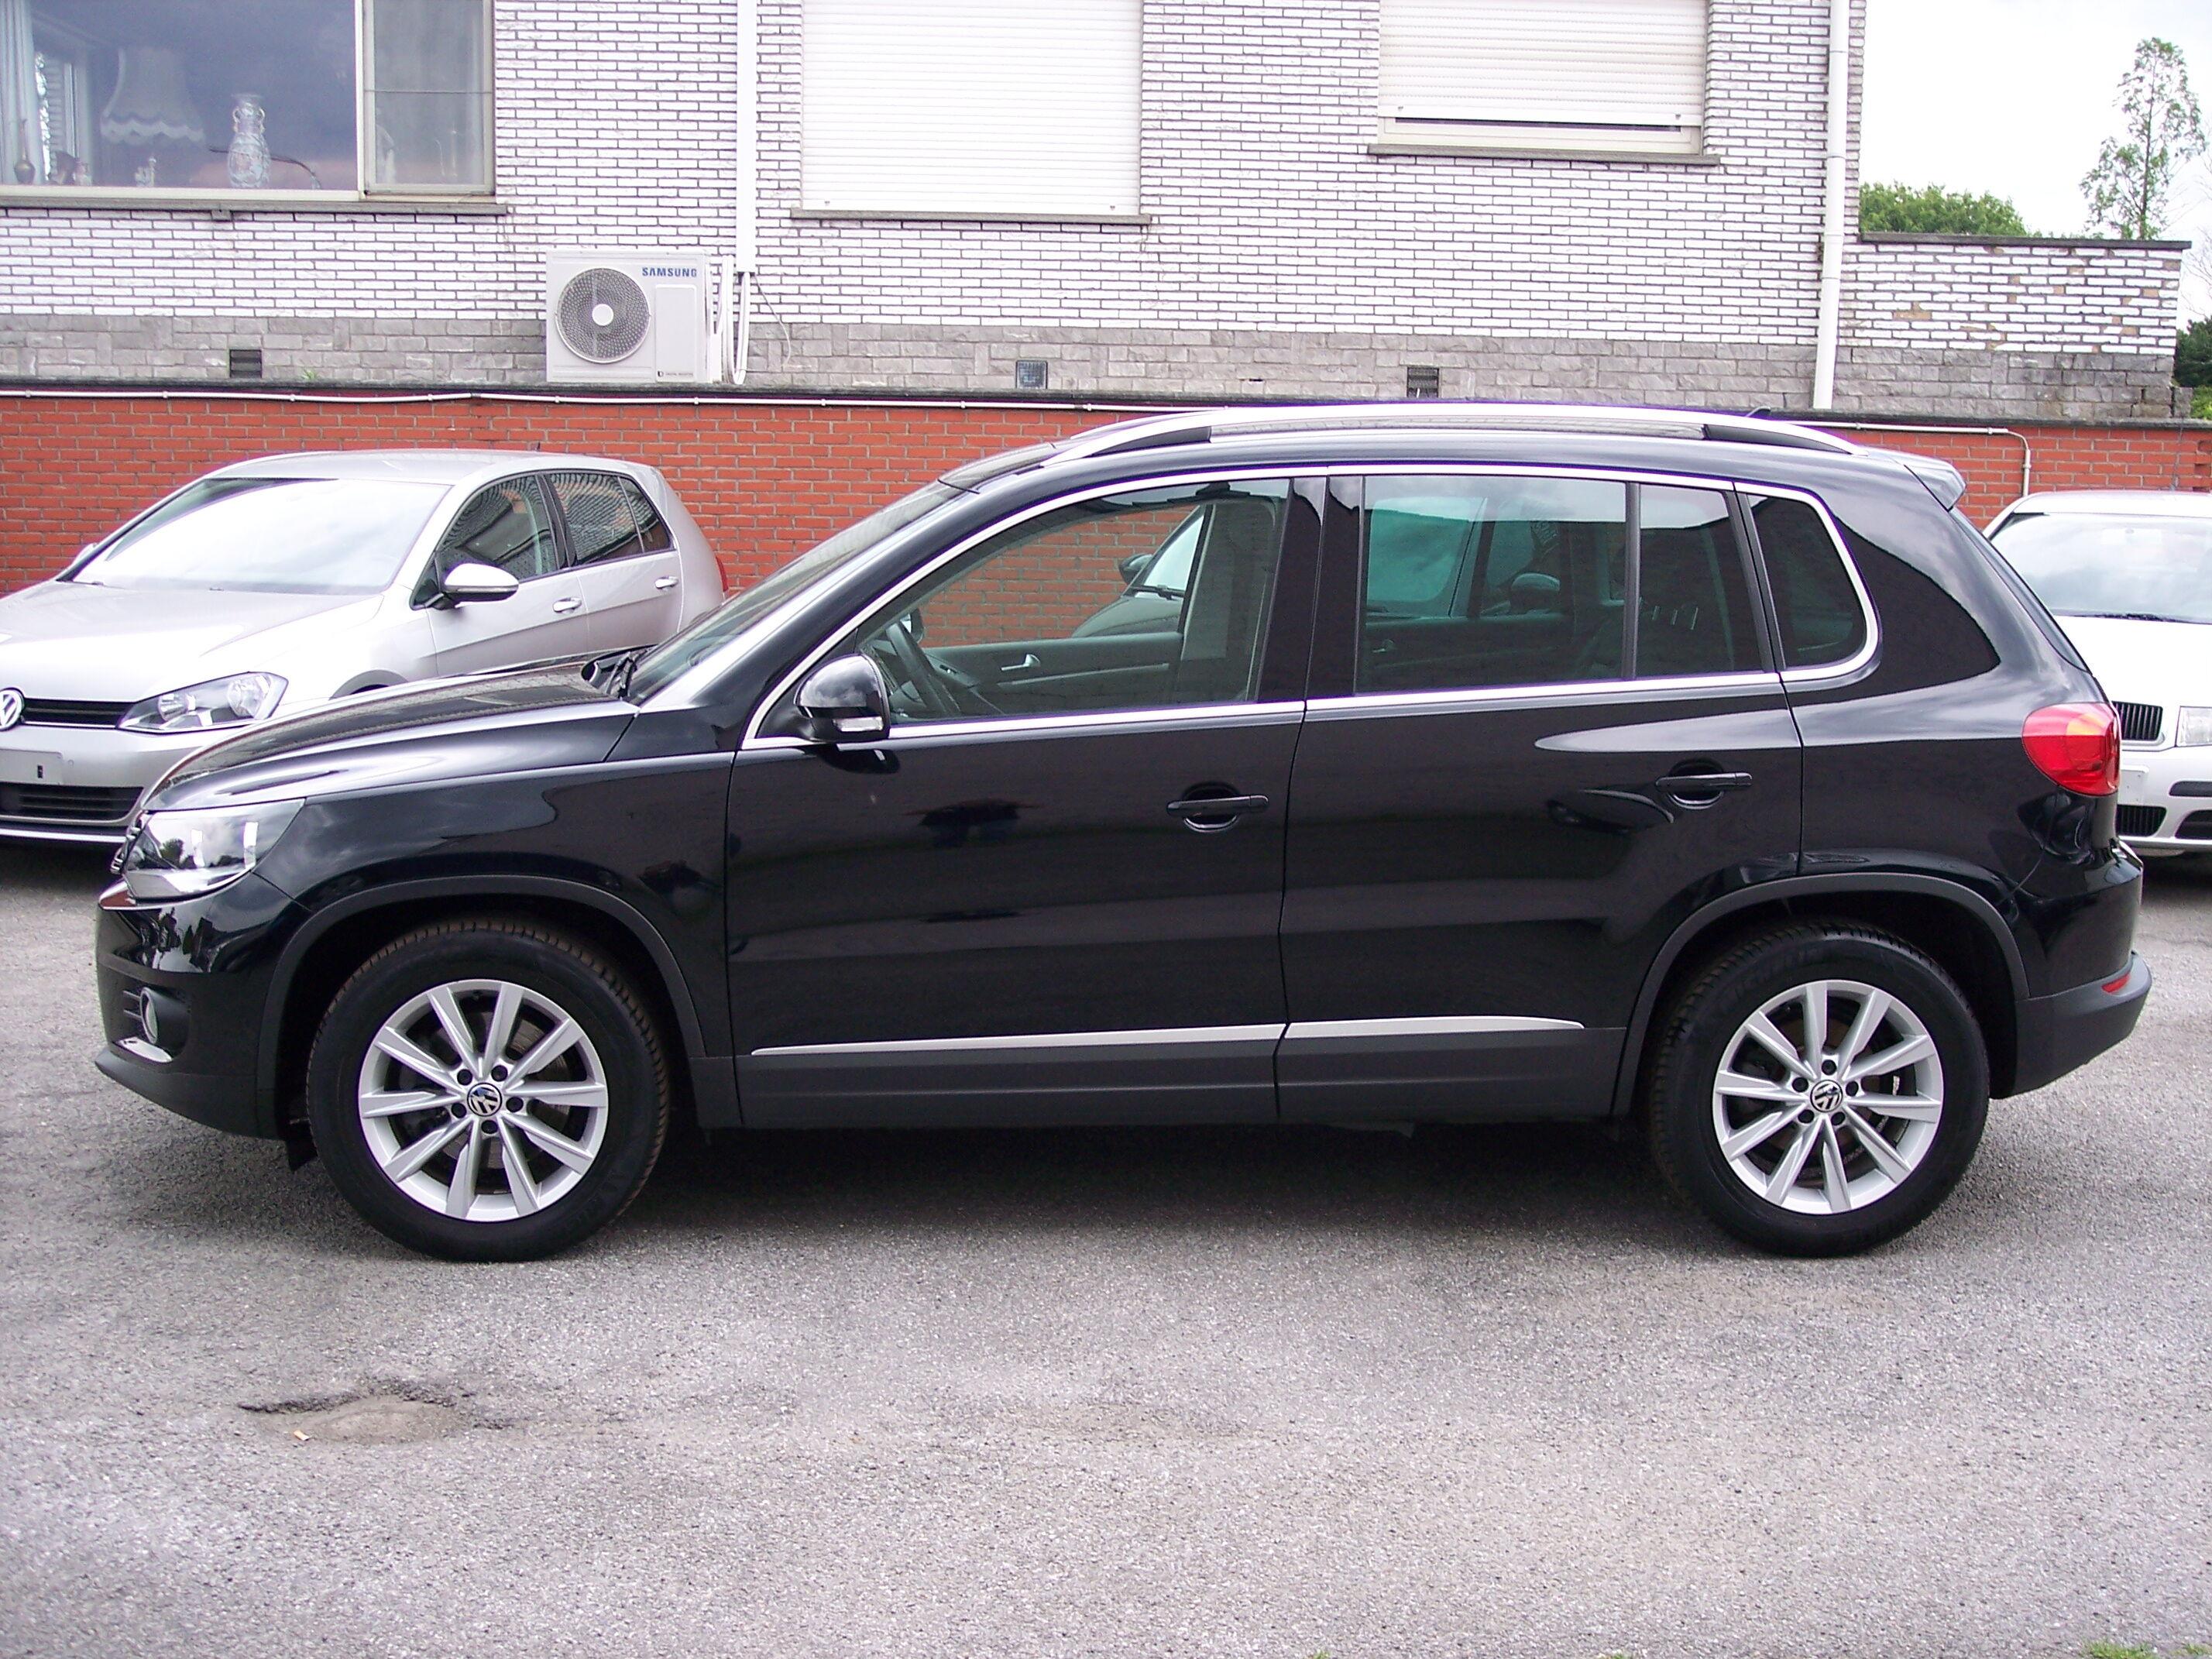 Volkswagen TIGUAN SUV BENZINE 3/15